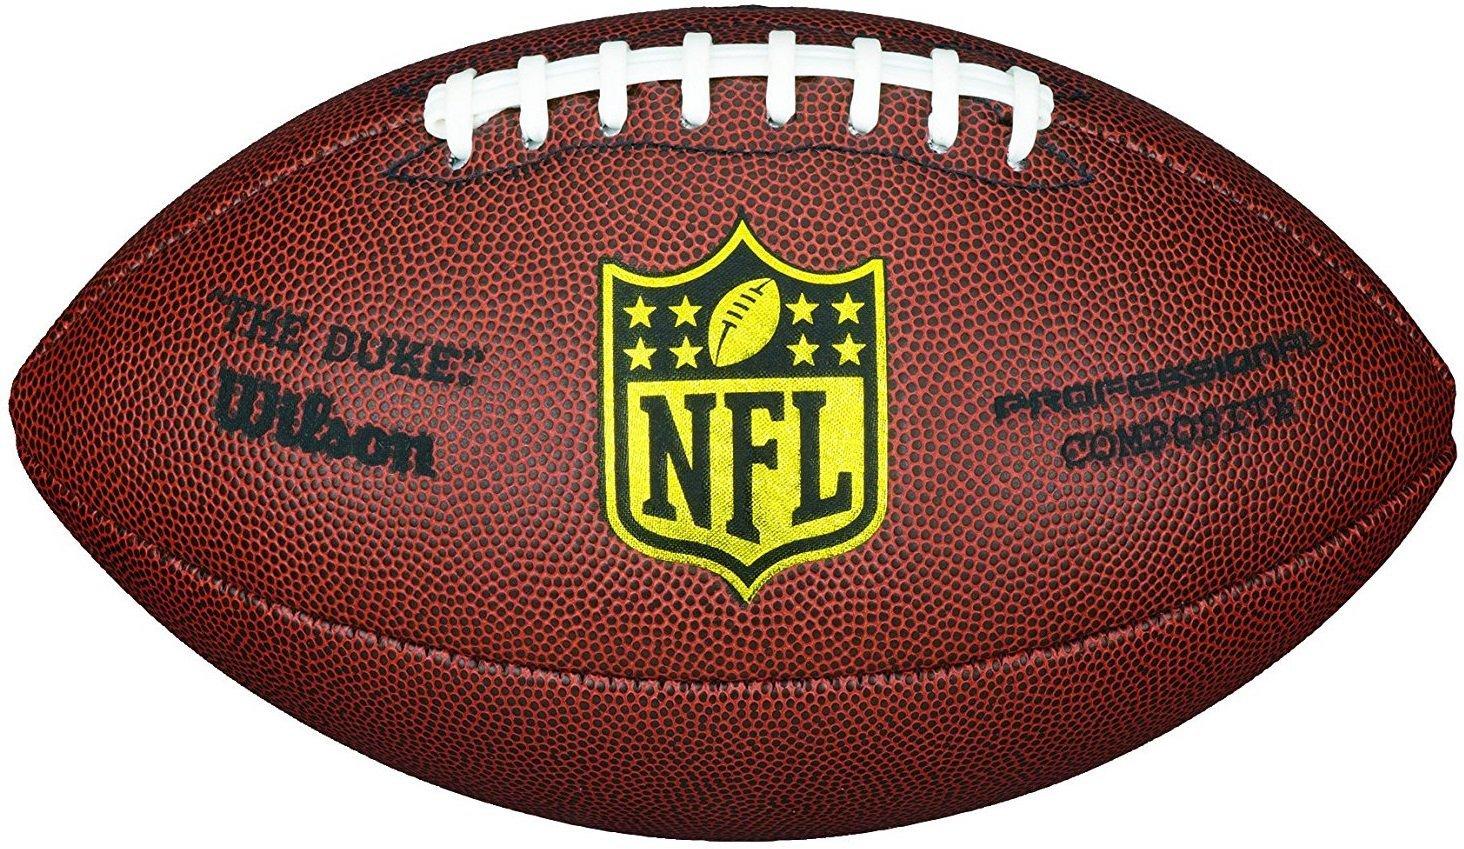 Wilson NFL Duke Replica